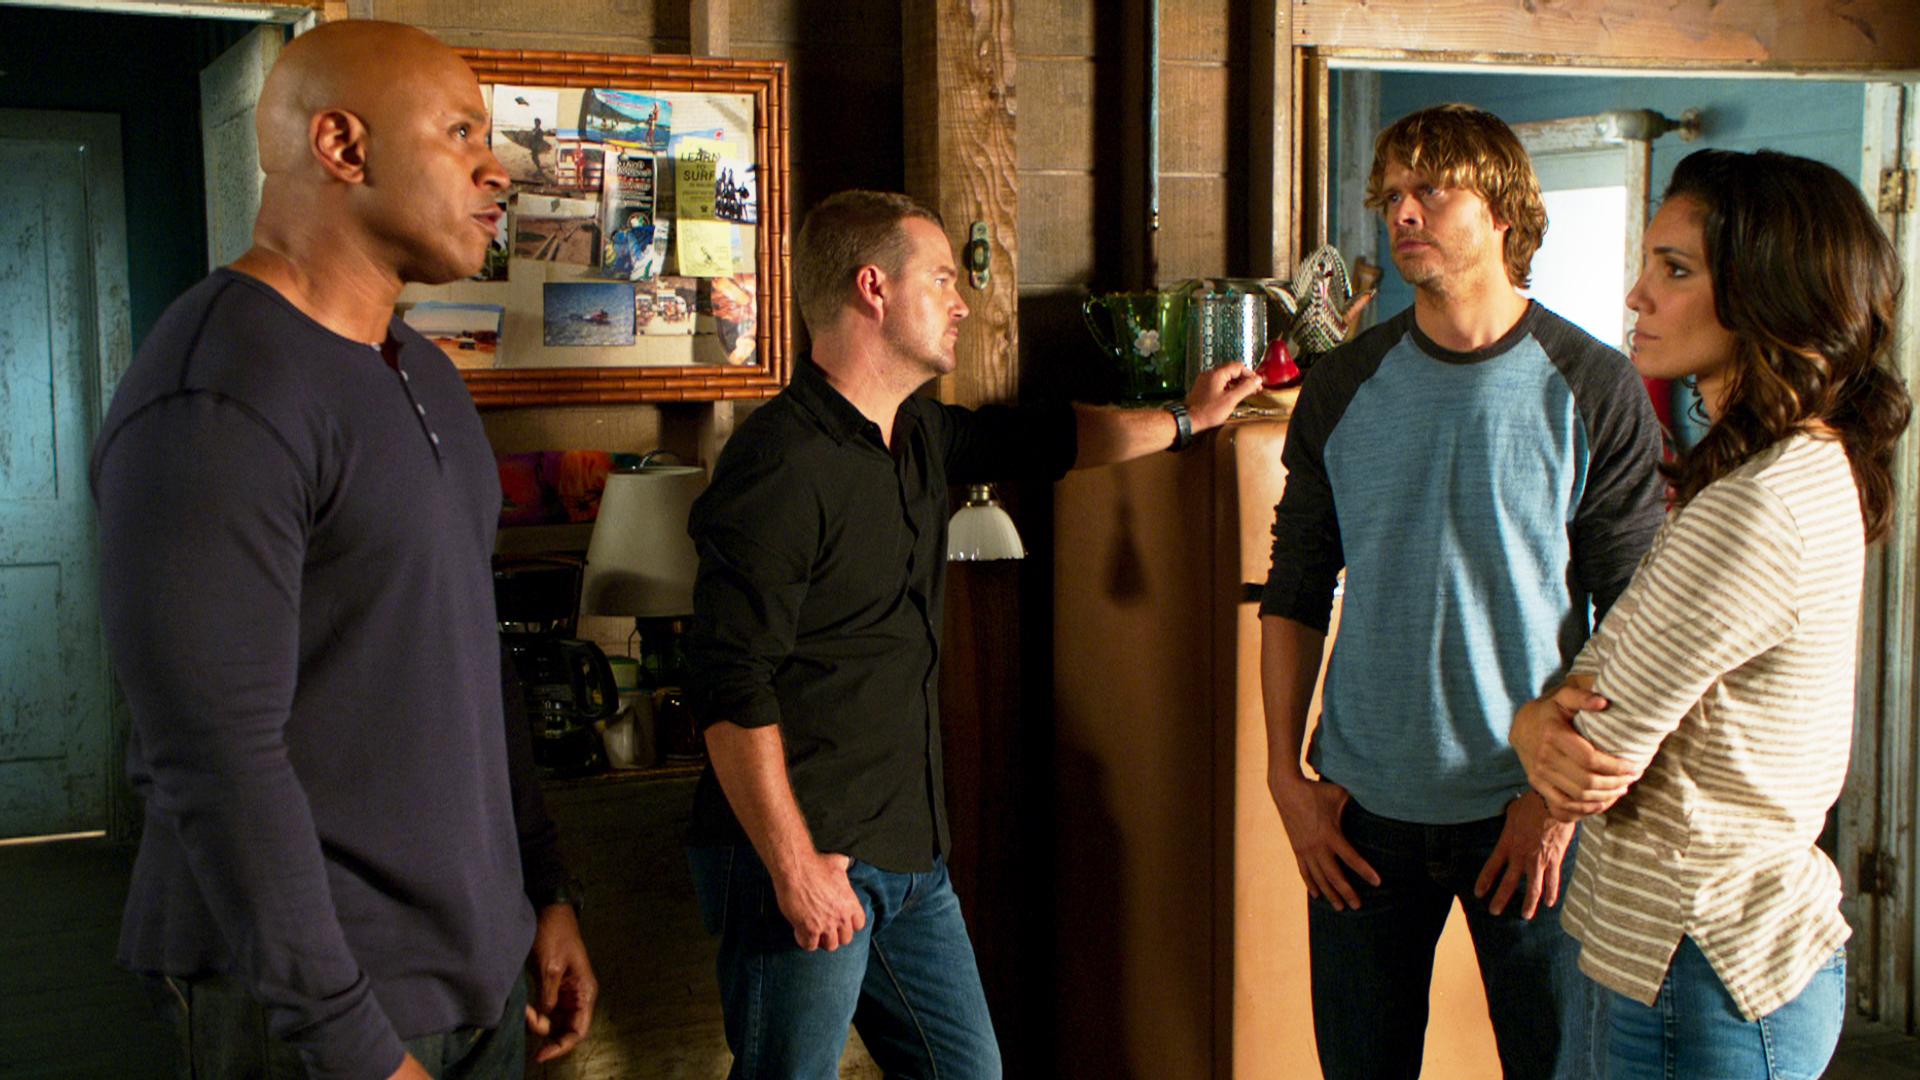 Ascolti Telefilm: Domenica 18 Dicembre per NCIS: Los Angeles, Elementary e altri